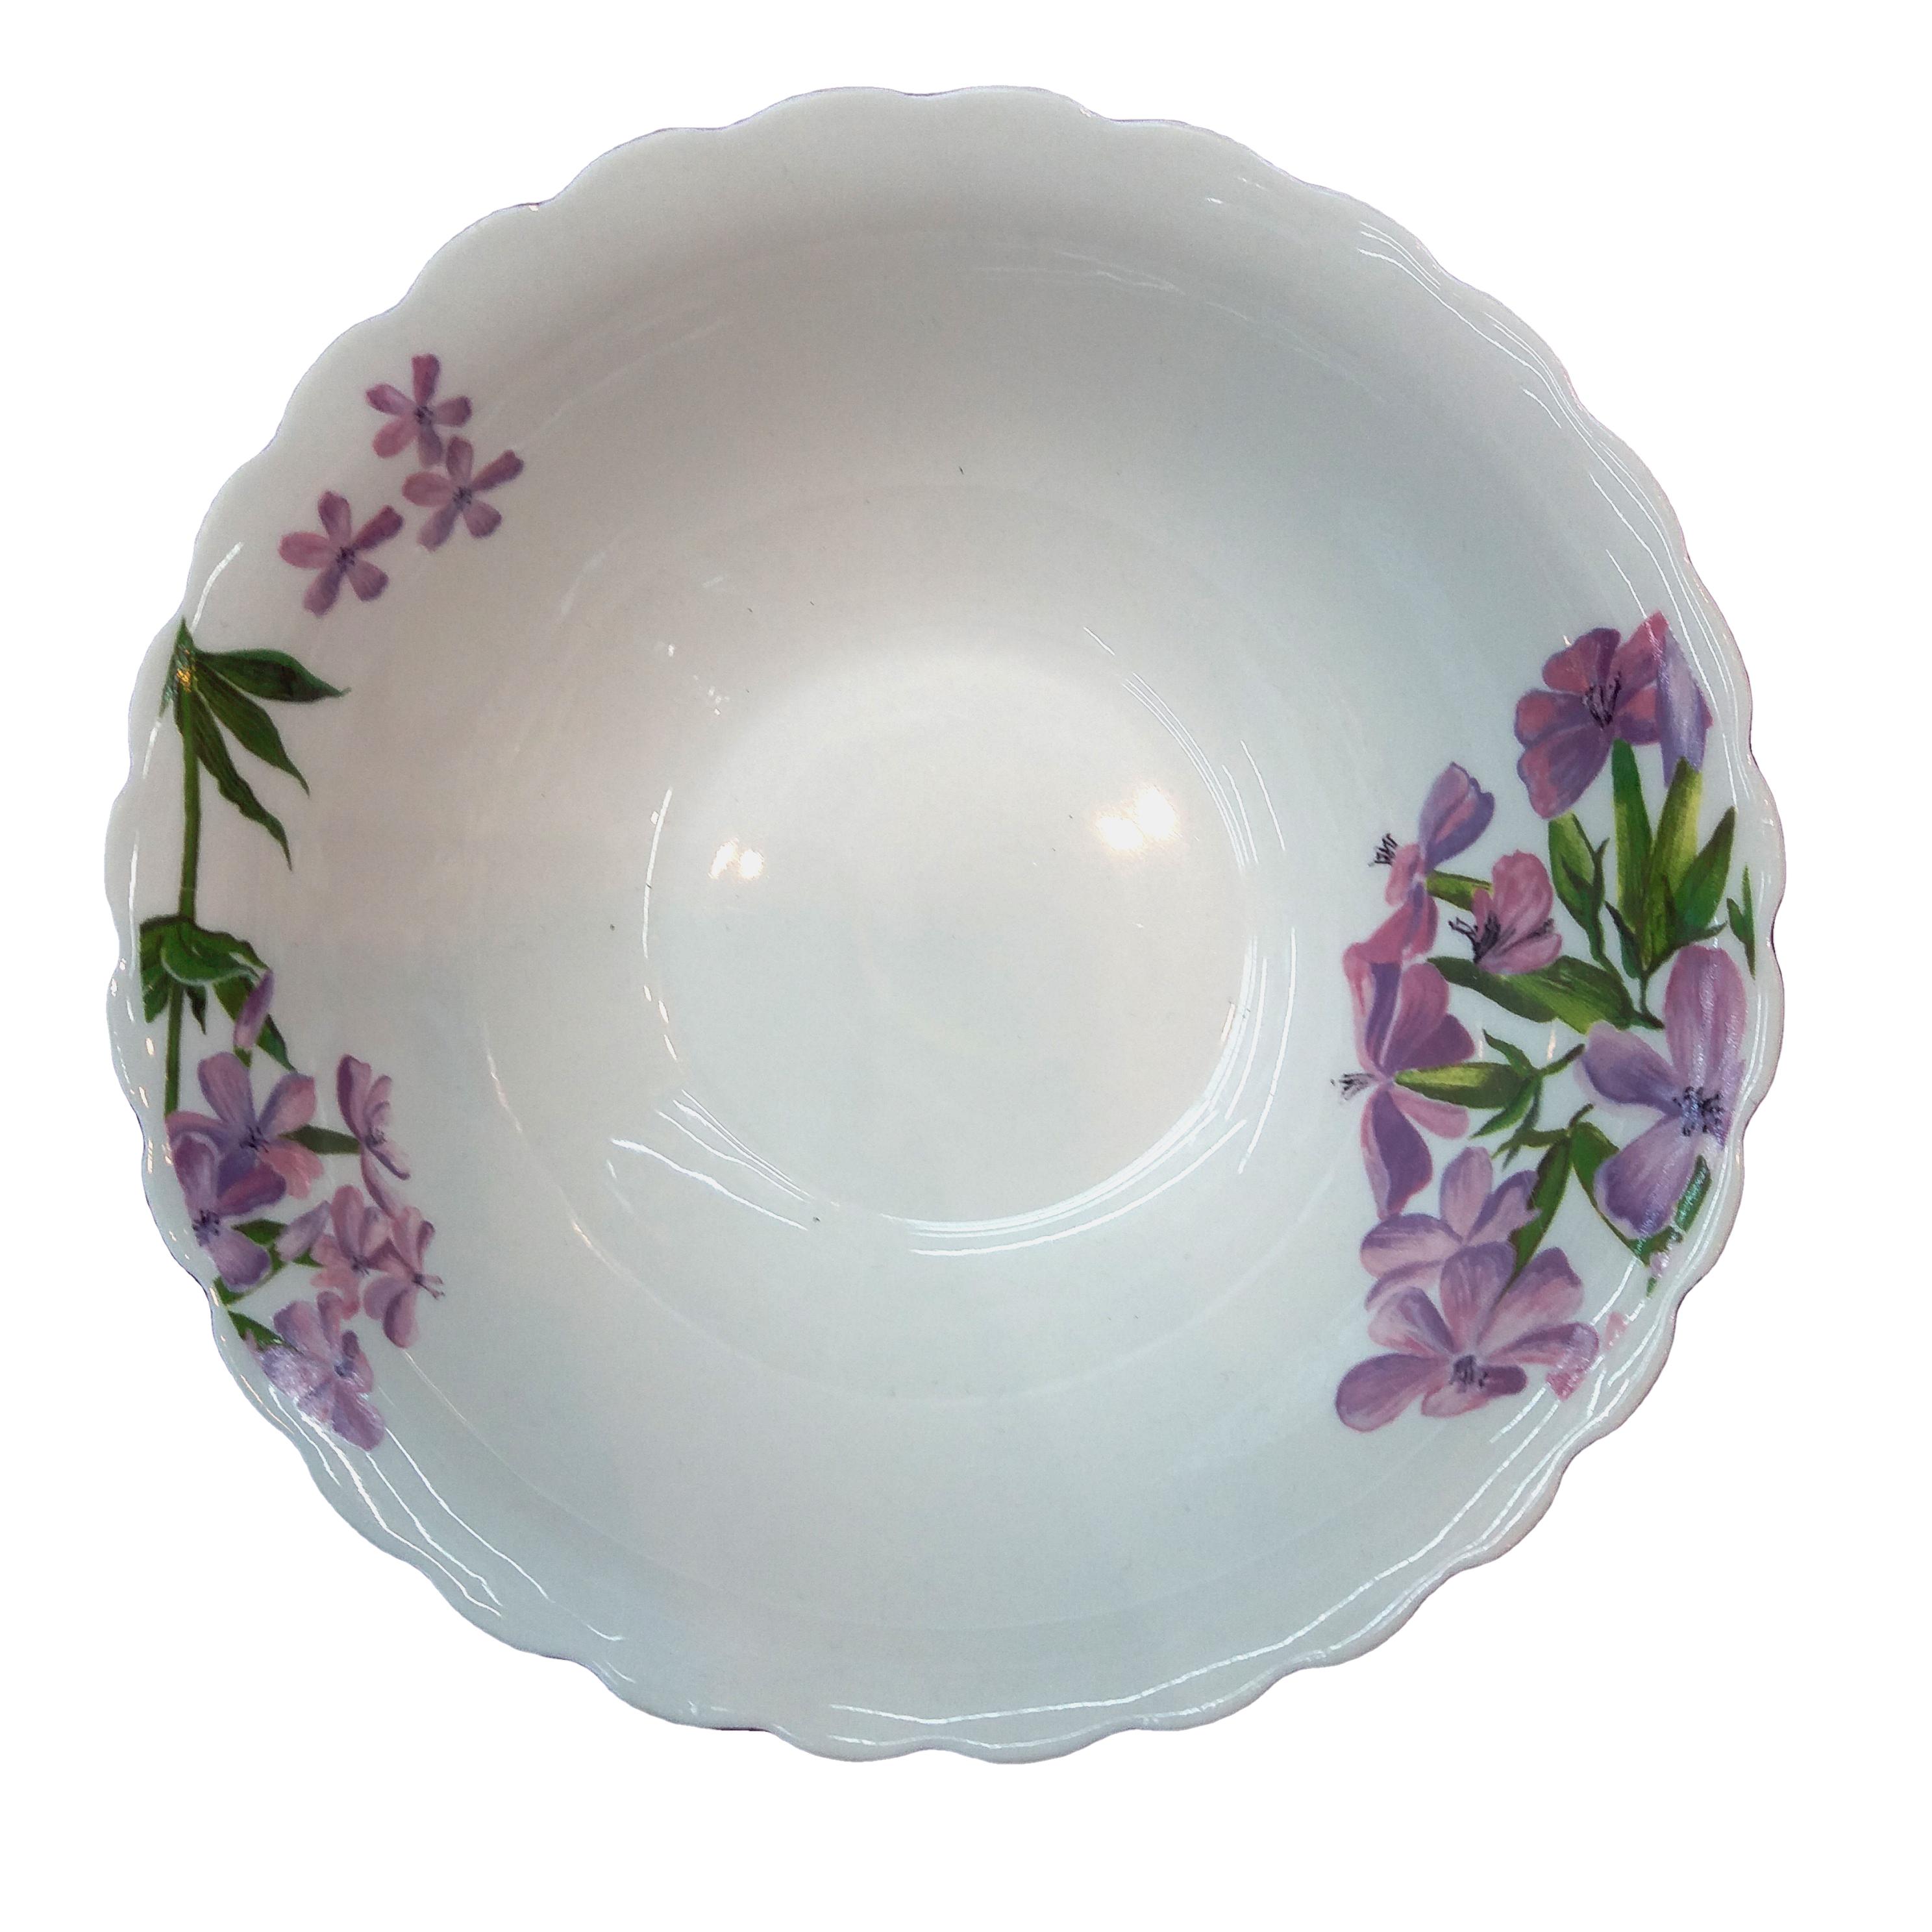 Фарфоровая белая миска для салата с заказной этикеткой дешевые керамические фарфоровые миски с простым цветочным дизайном Салатница